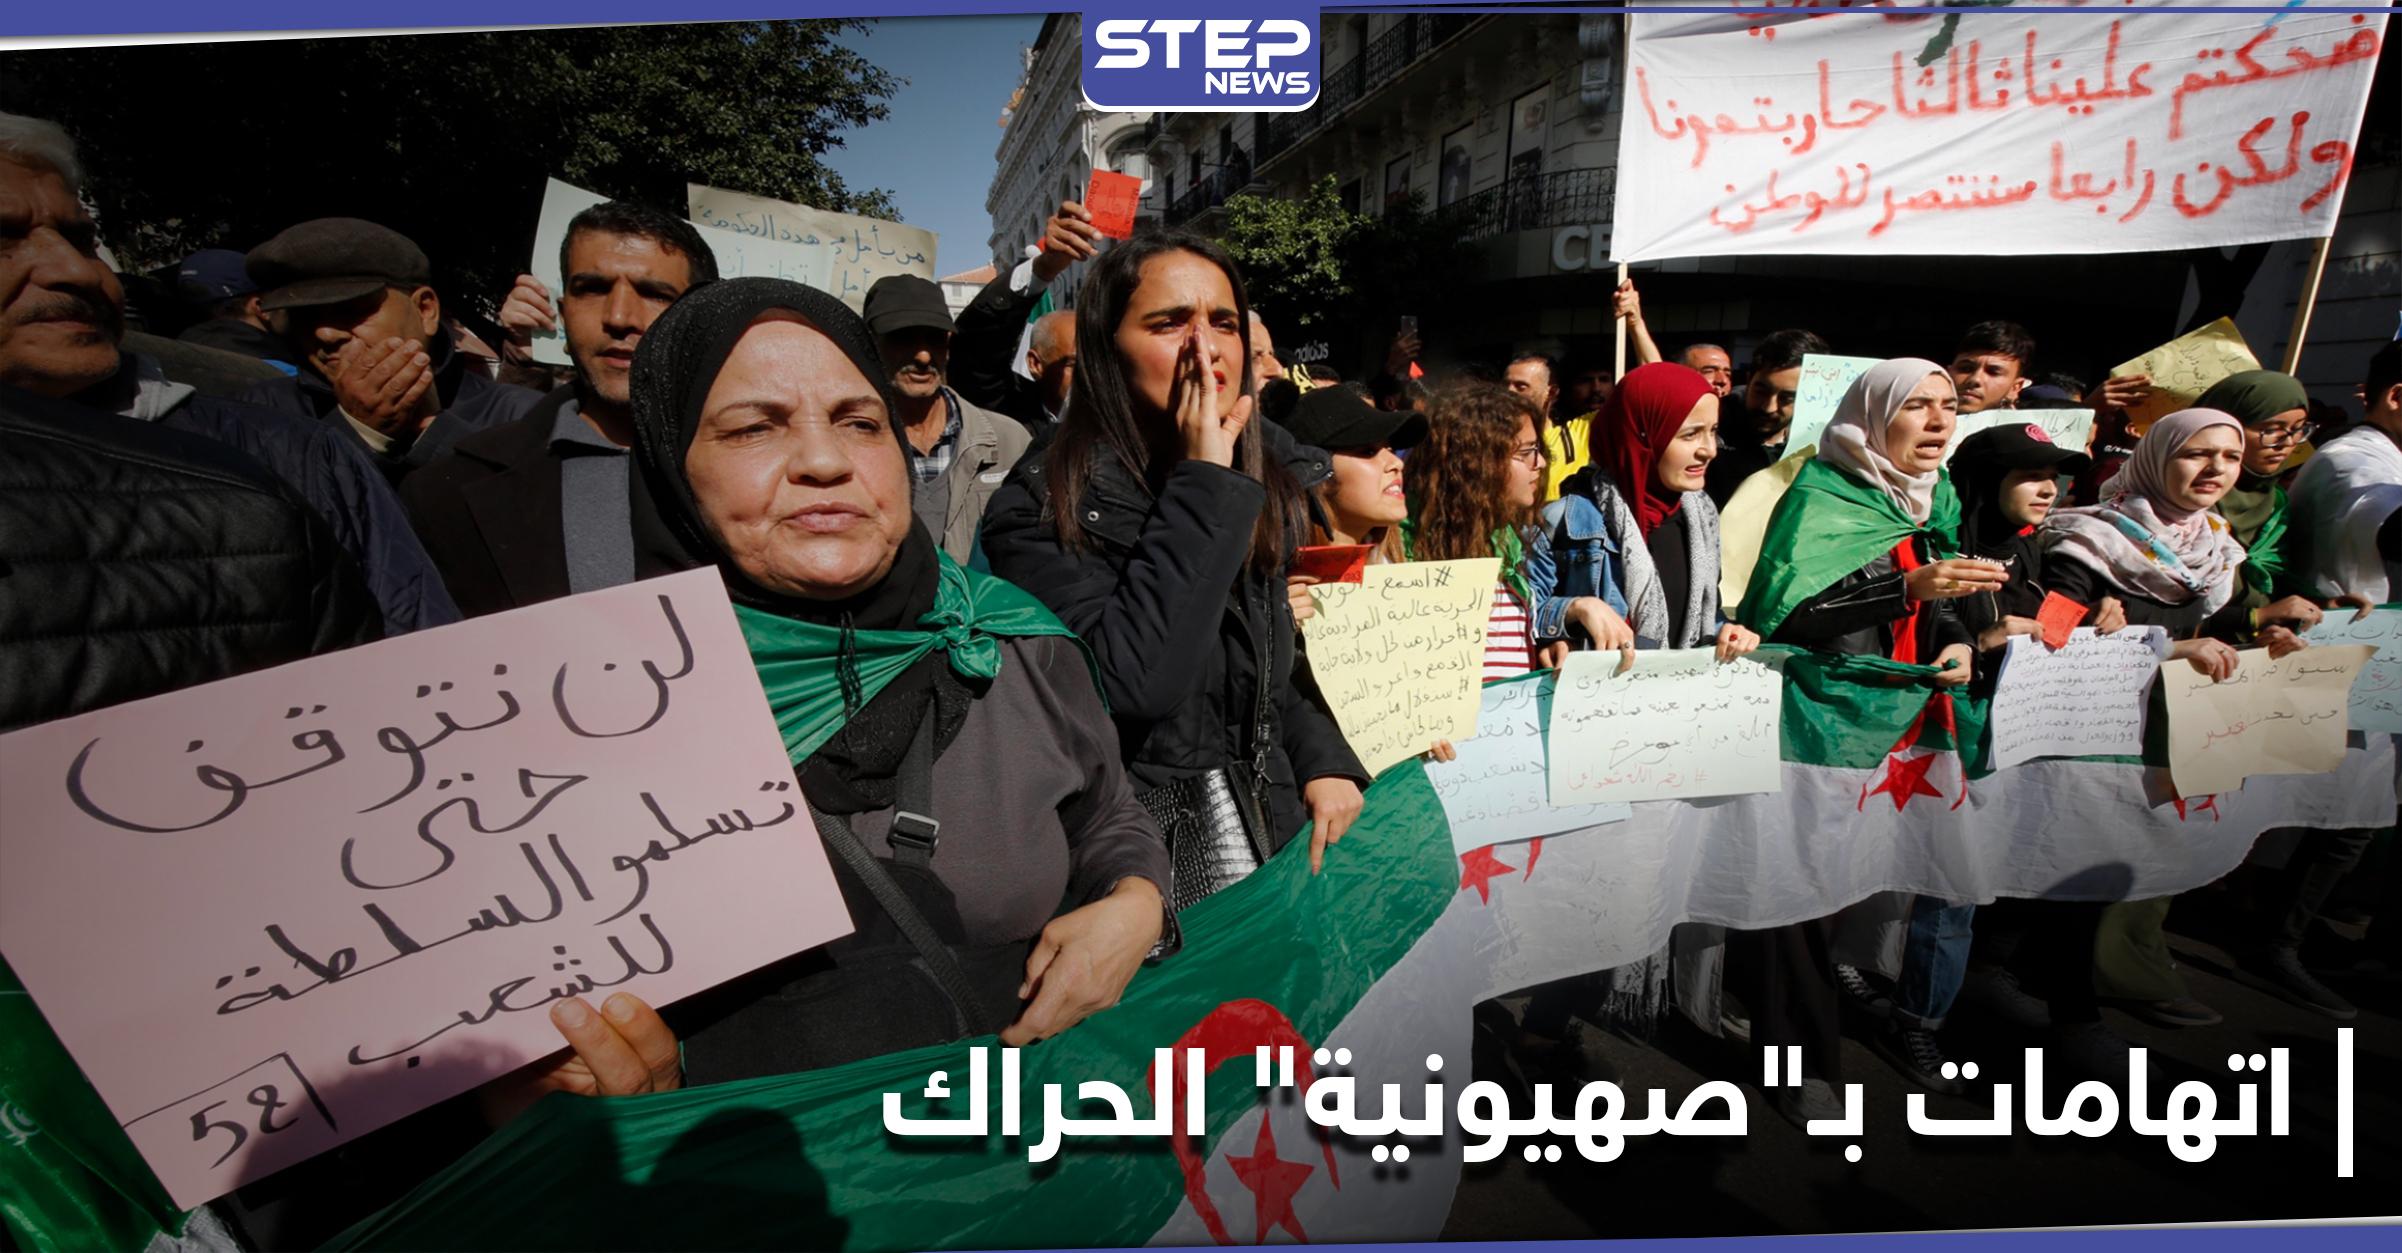 """احتجاجات في الجزائر والجيش يتهم الحراك بـ """"تنفيذ مخطط صهيوني"""""""